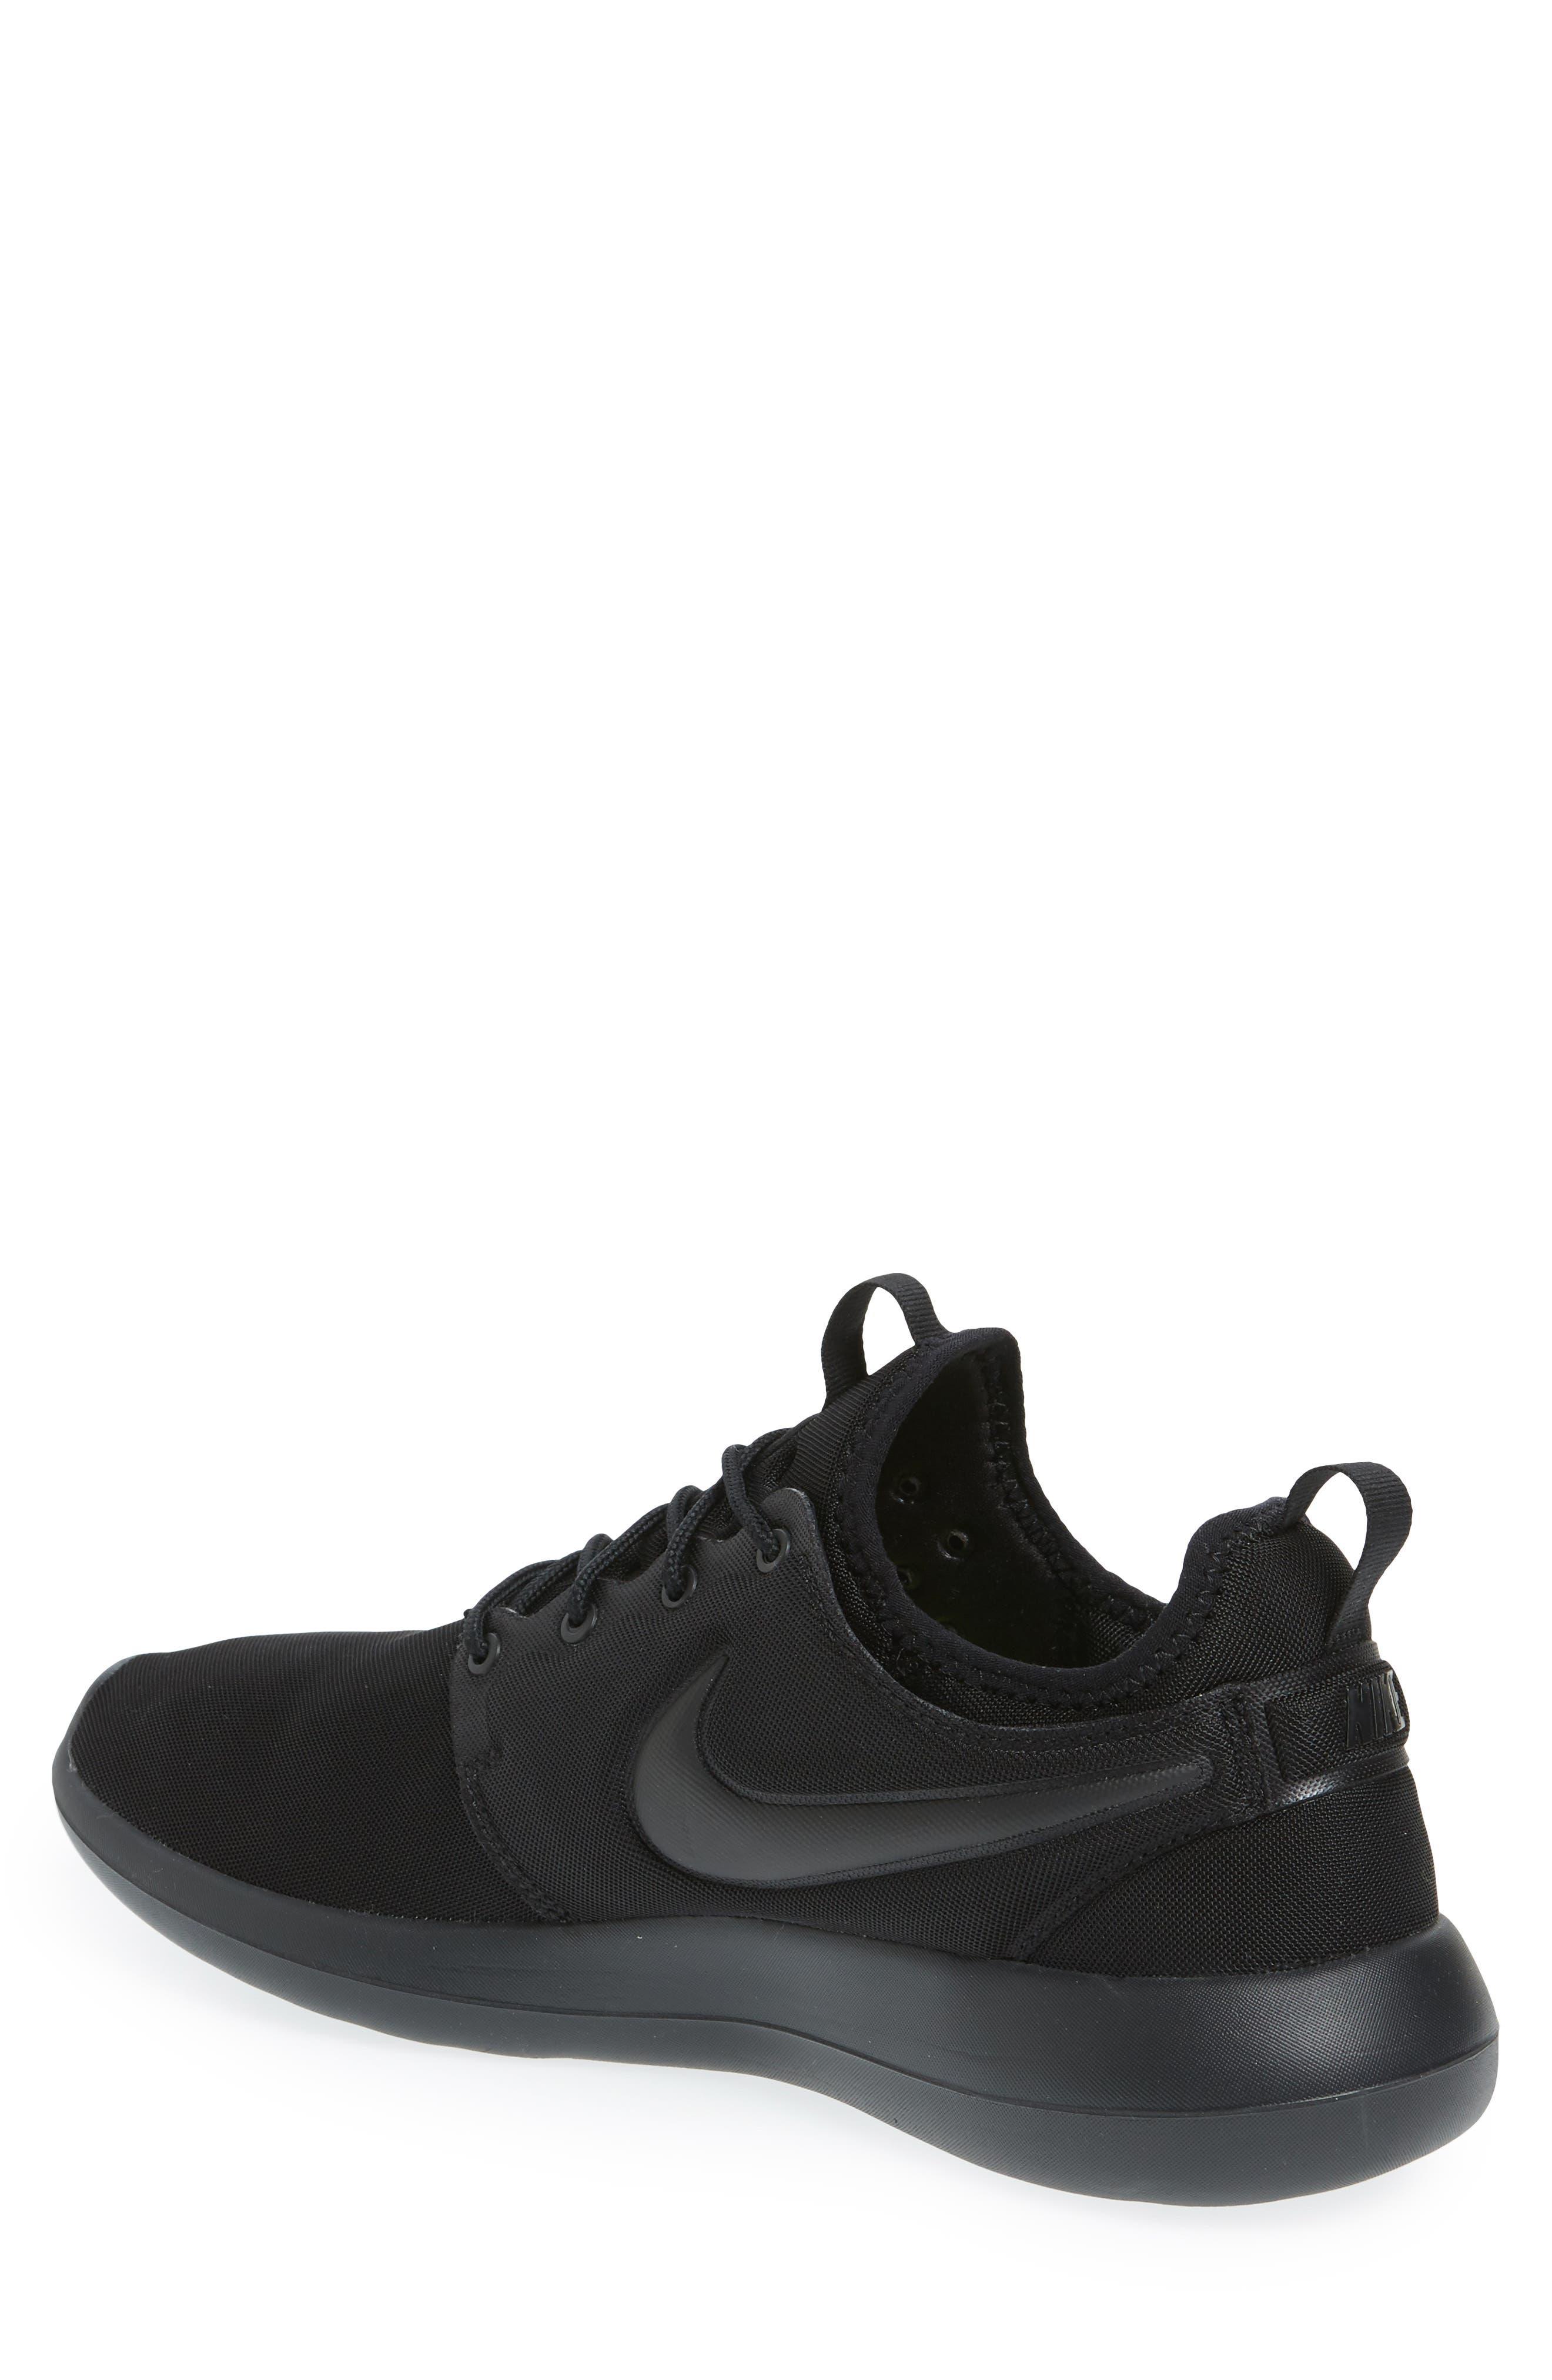 Roshe Two Sneaker,                             Alternate thumbnail 12, color,